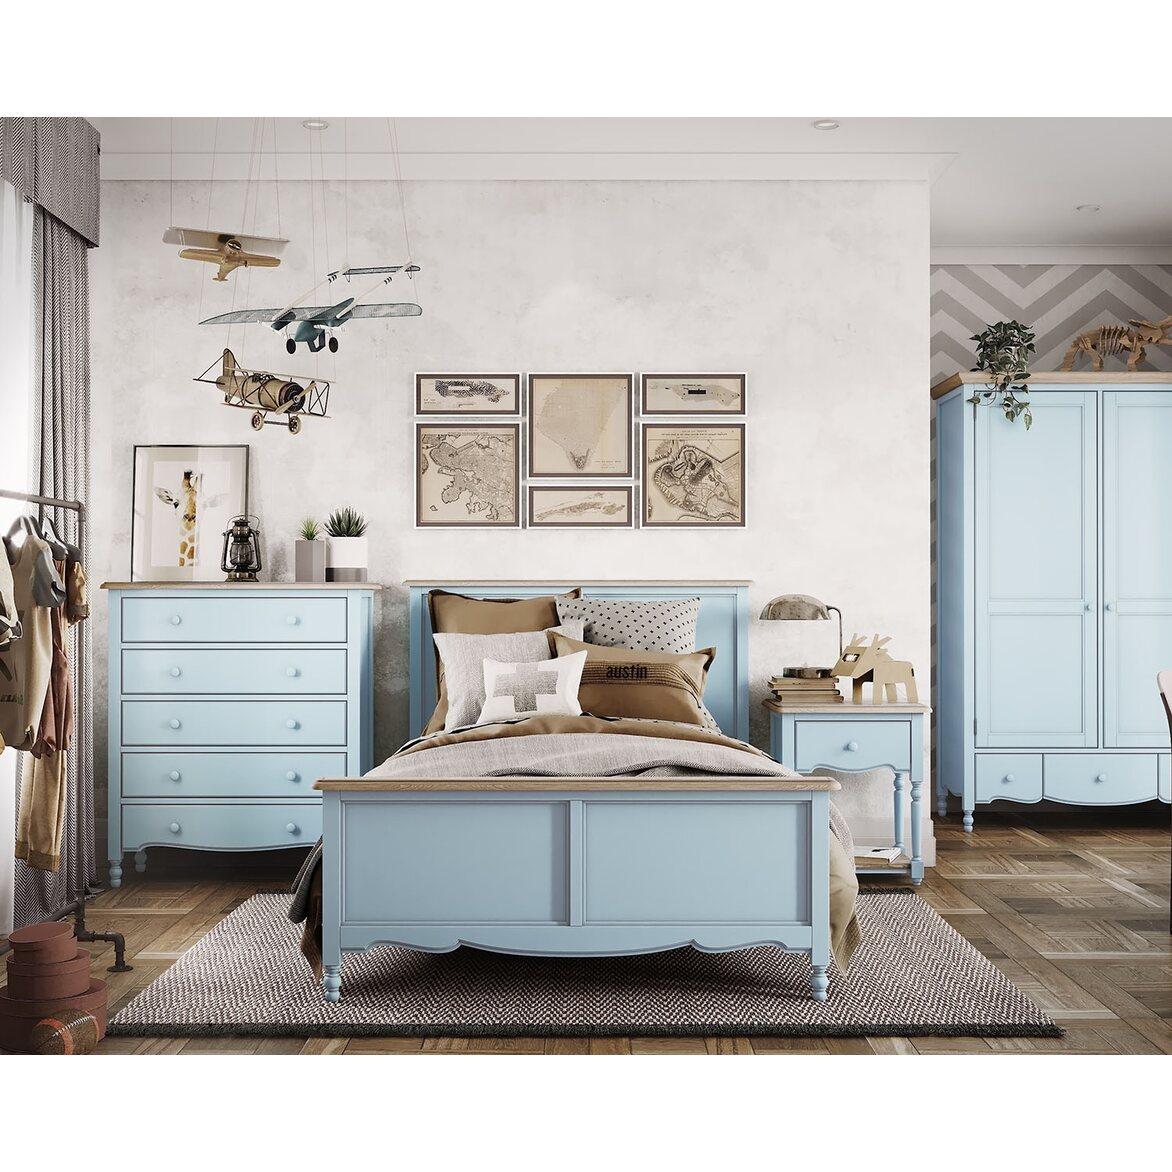 Кровать односпальная 120*200 Leblanc, голубая 3 | Односпальные кровати Kingsby